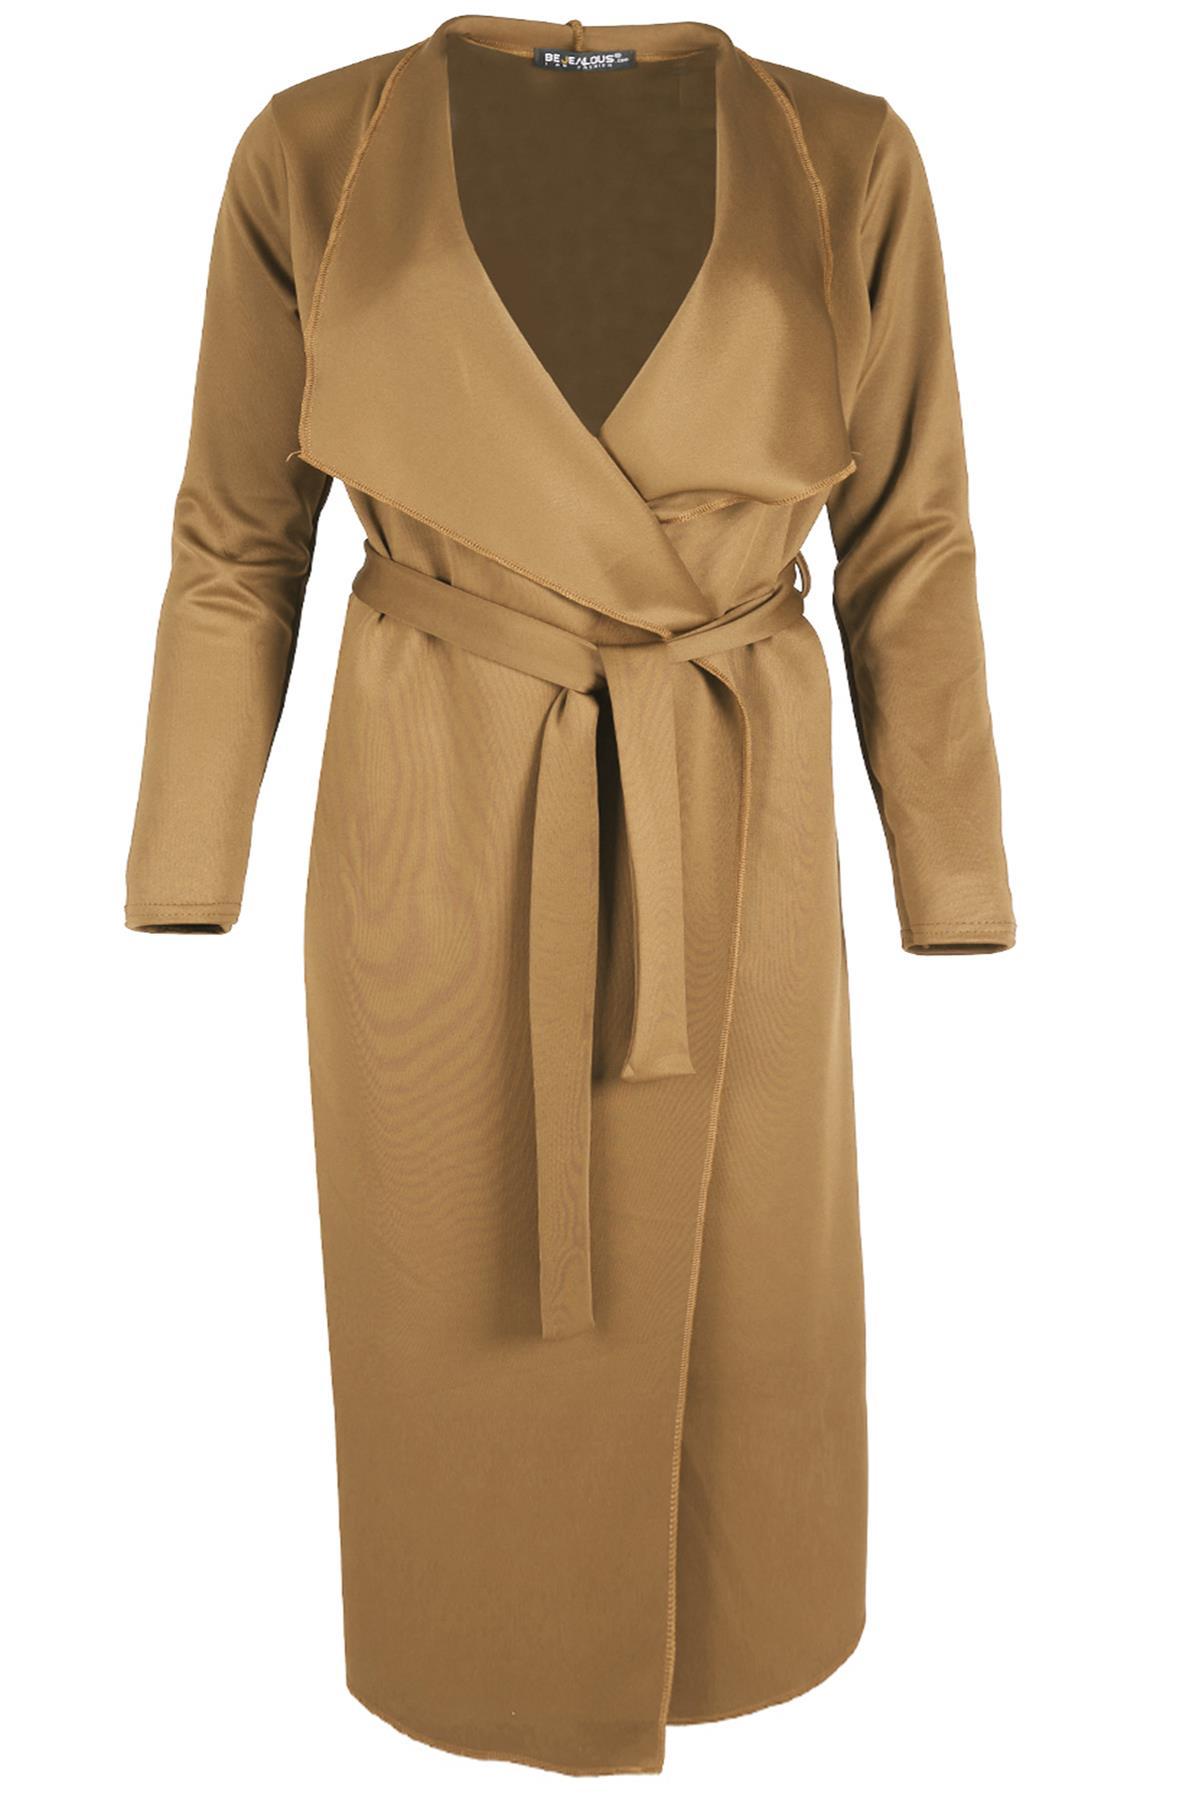 PLUS Size donna donna tie Cintura Cardigan Maxi CASCATA ITALIANO Cape Duster Coat